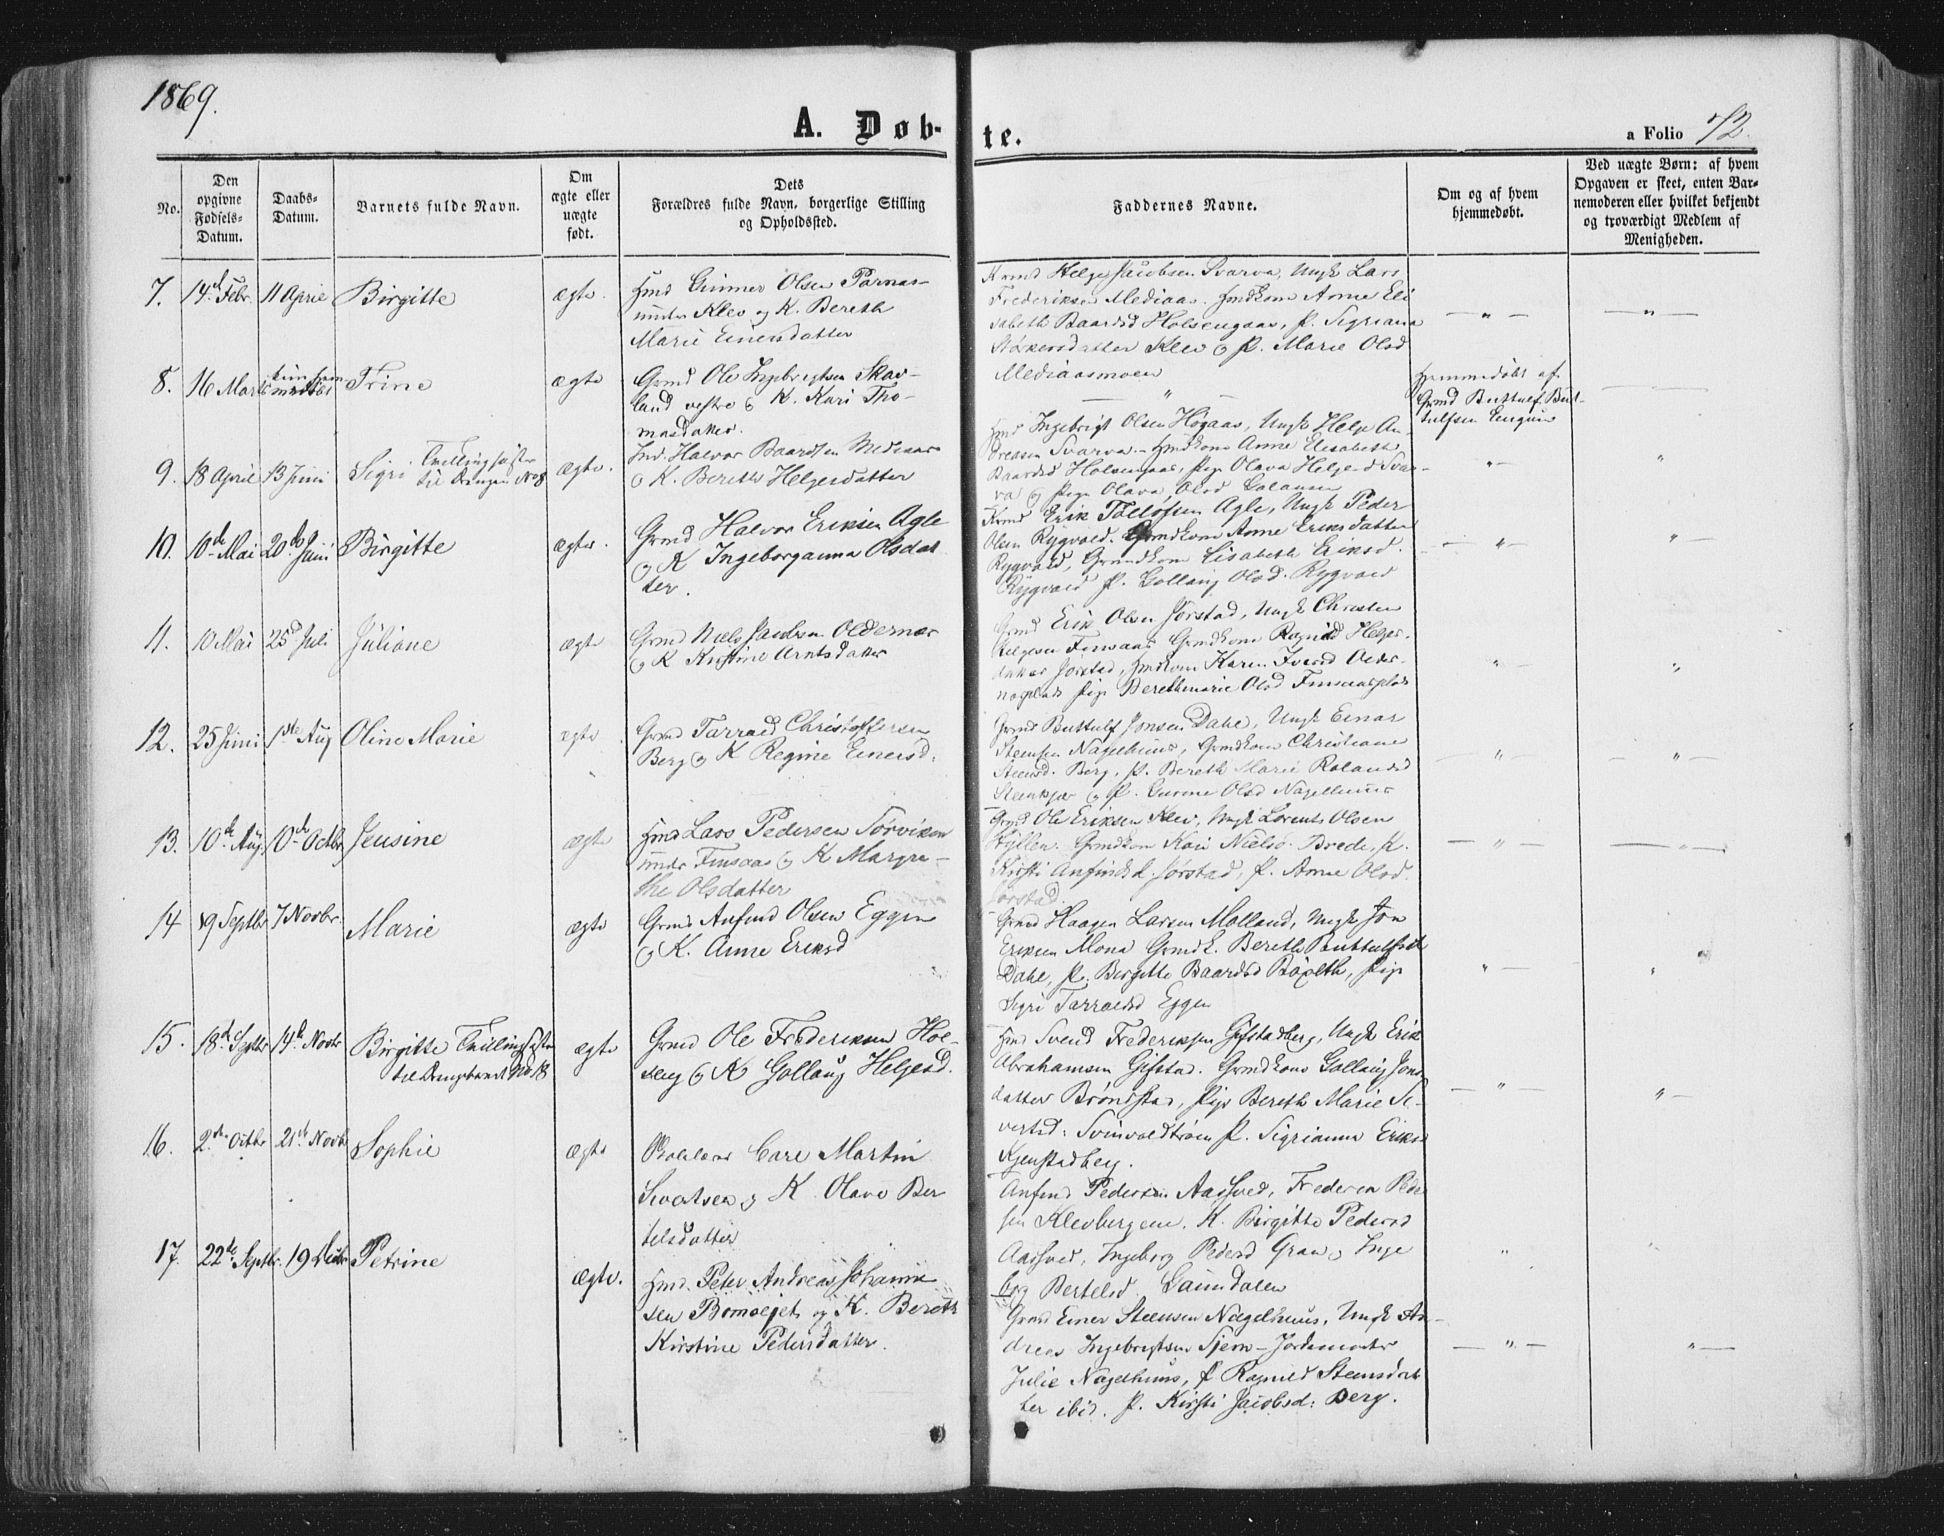 SAT, Ministerialprotokoller, klokkerbøker og fødselsregistre - Nord-Trøndelag, 749/L0472: Ministerialbok nr. 749A06, 1857-1873, s. 72